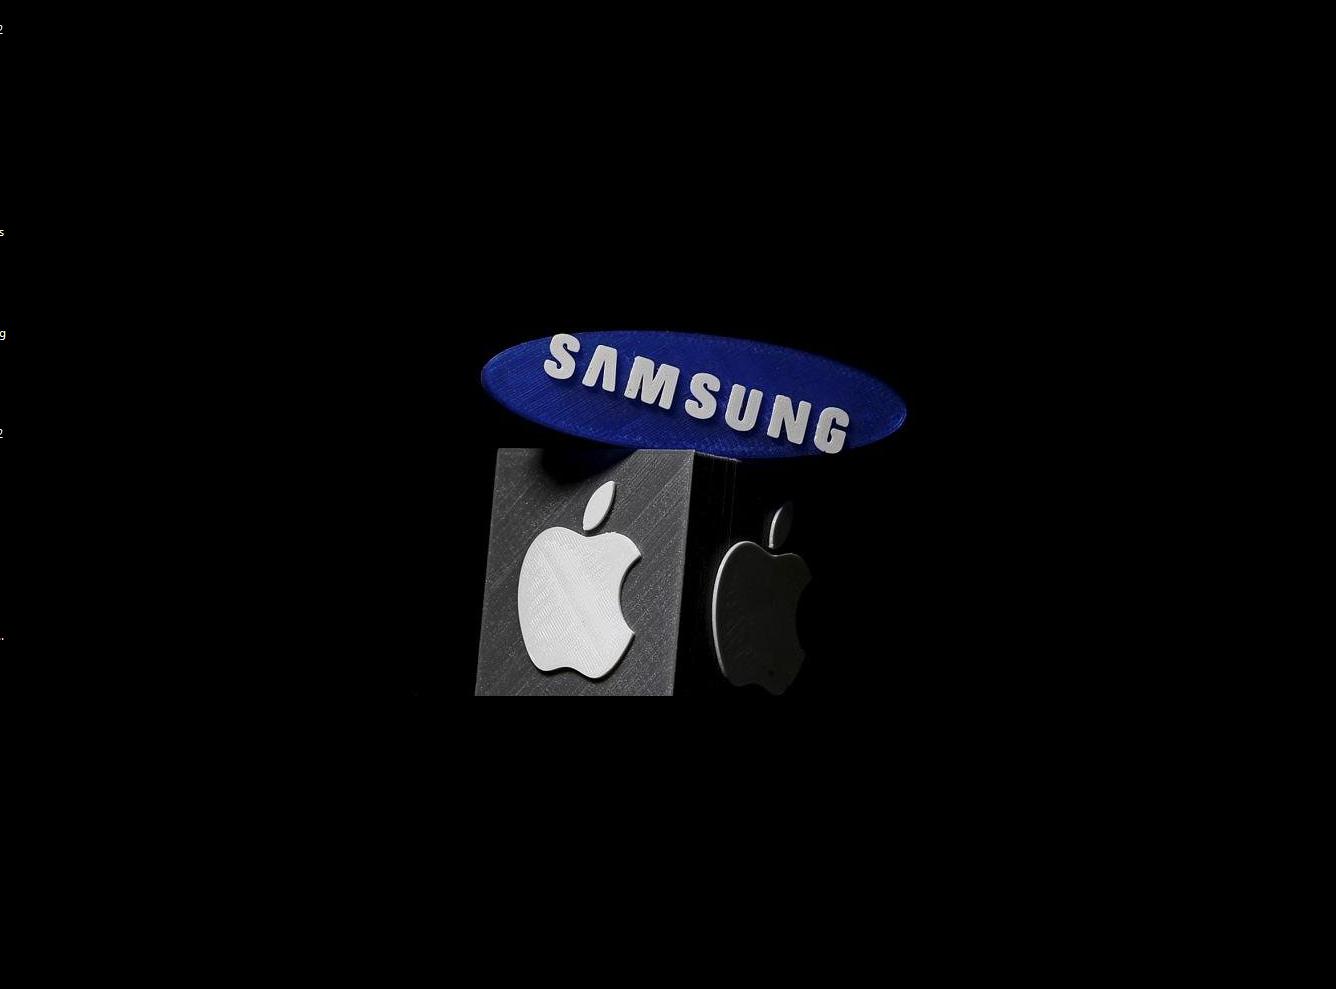 گزارش: شرکت سامسونگ به جمع تامین کنندگان تراشههای ۳D NAND اپل ملحق شد